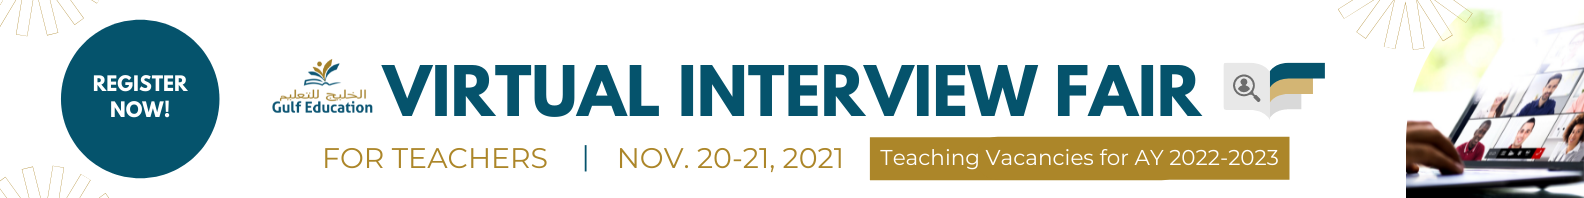 virtual interview fair (website Banner) (1584 x 198 px)